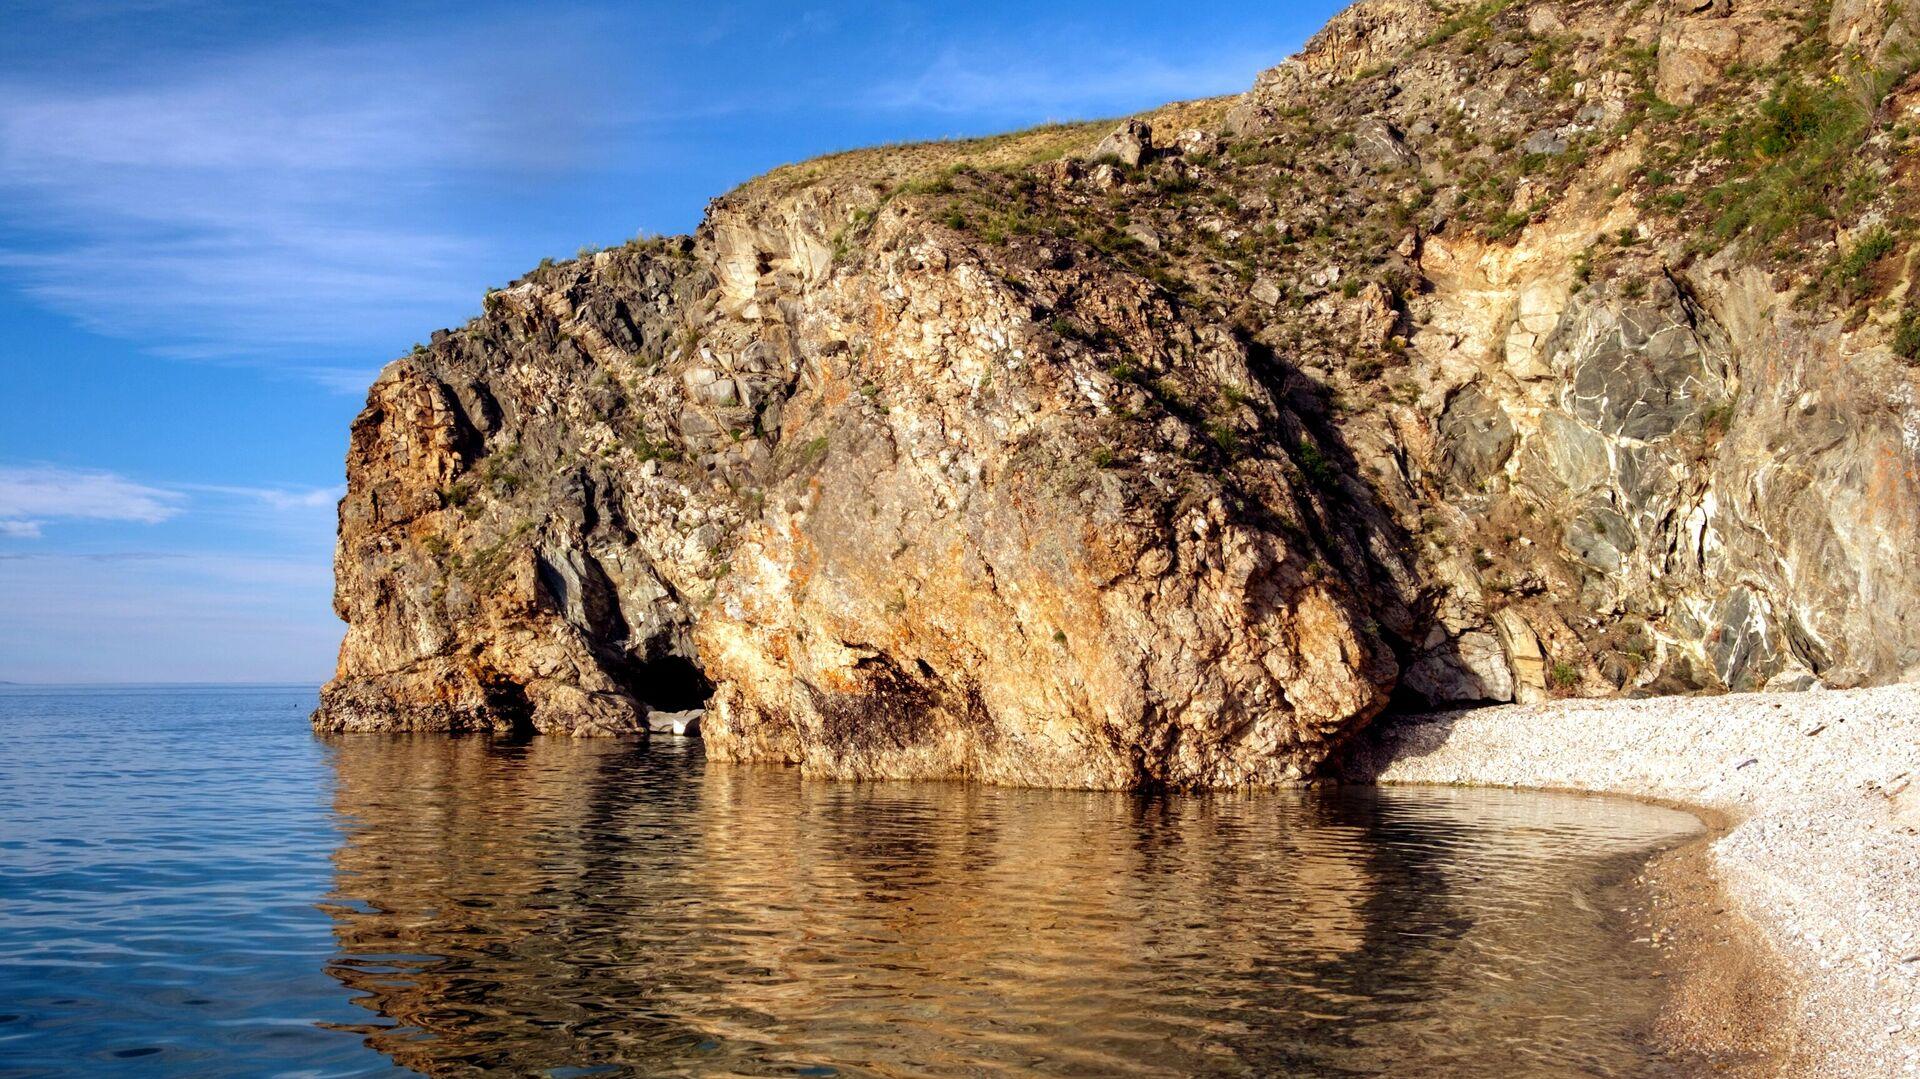 Остров Ольхон на озере Байкал в Иркутской области - РИА Новости, 1920, 20.08.2021